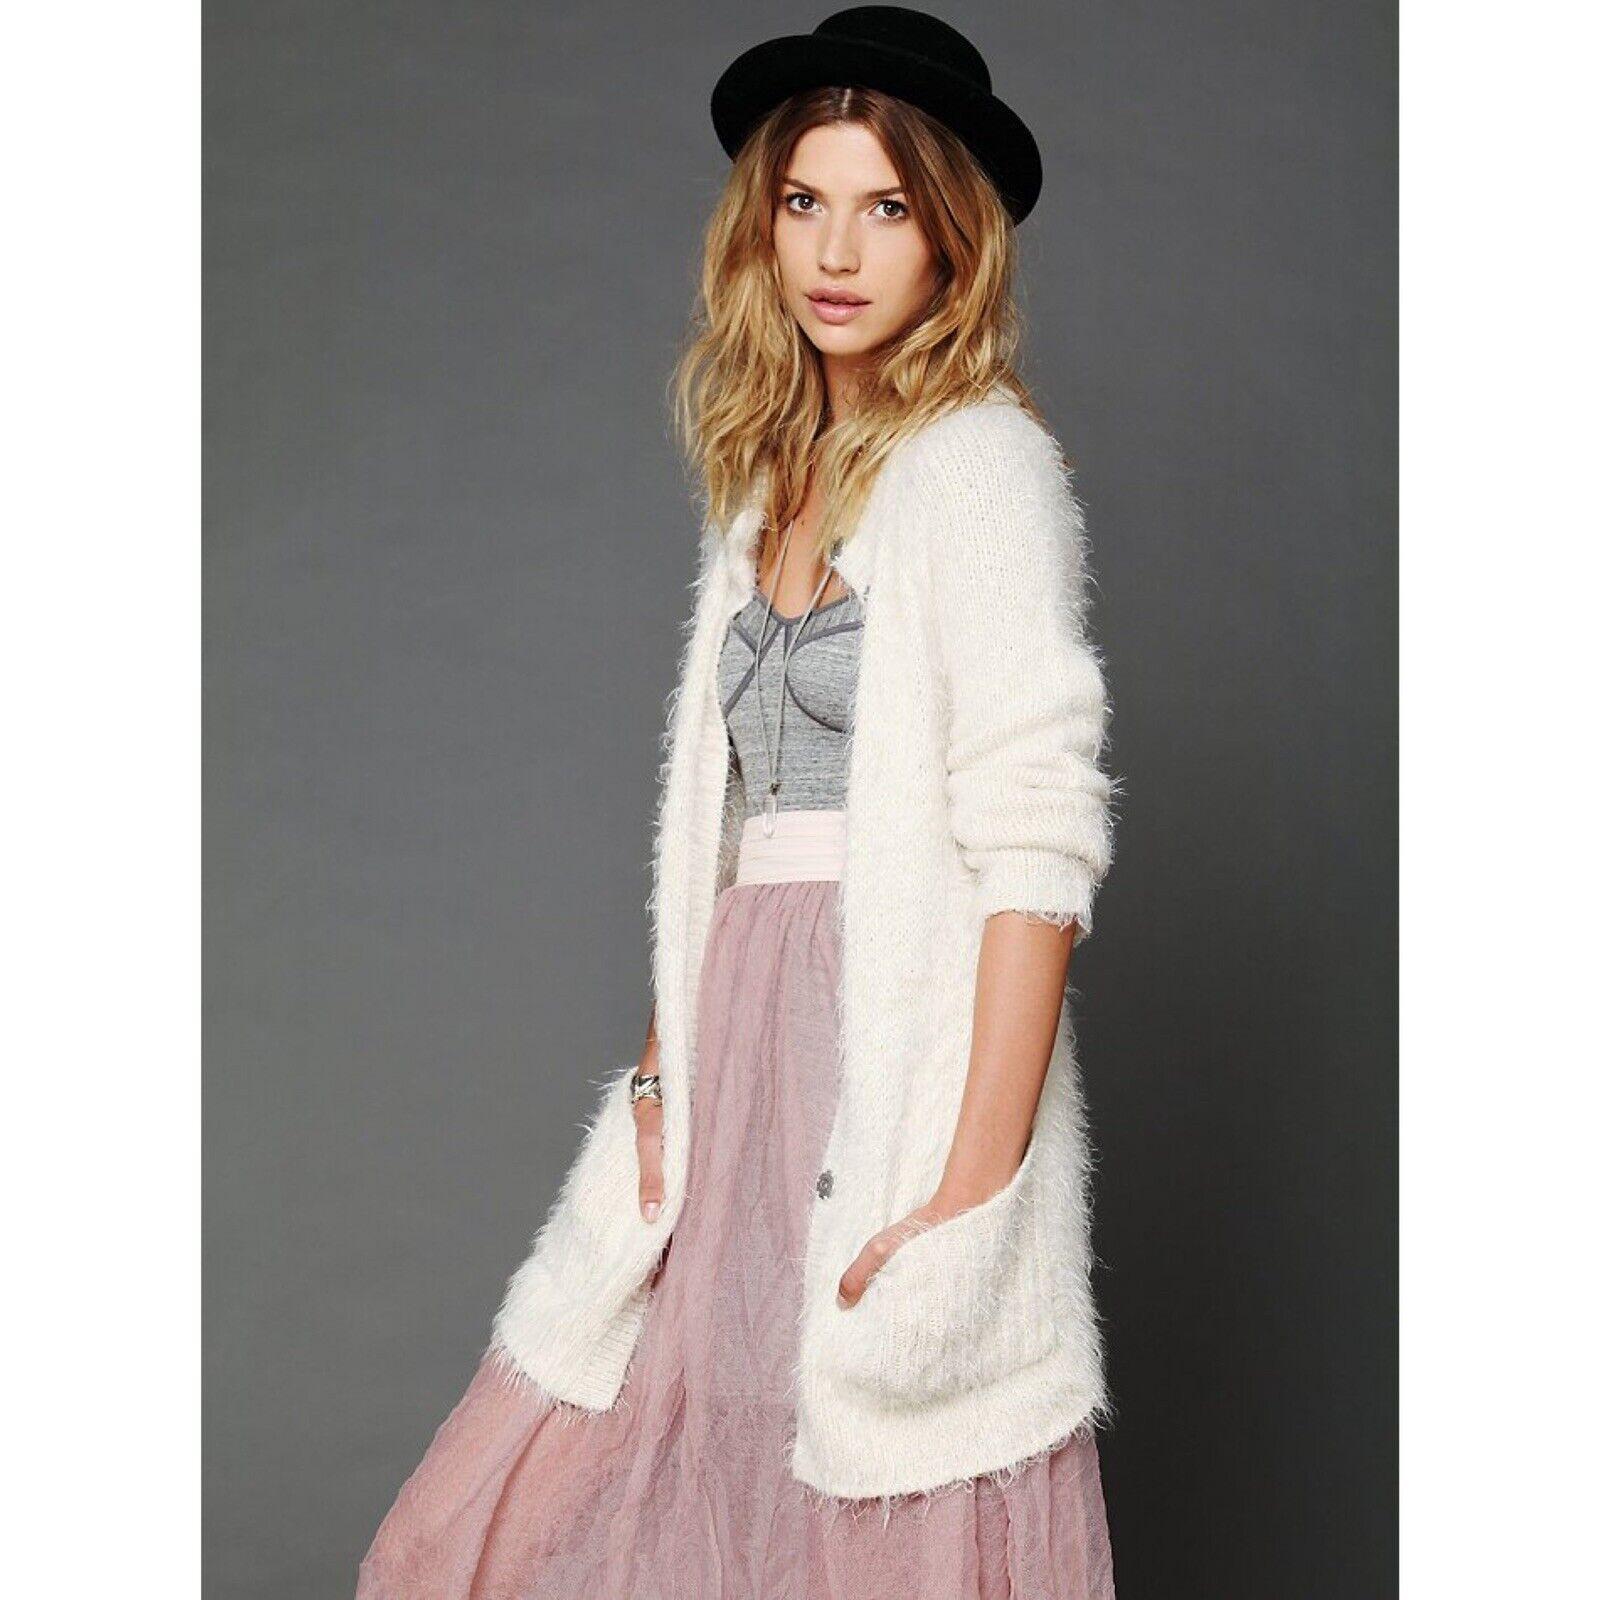 Free People mantenerlo  Fuzzy Soft Off blanco Suéter Cochedigan Talla XS Boho Raro  Las ventas en línea ahorran un 70%.